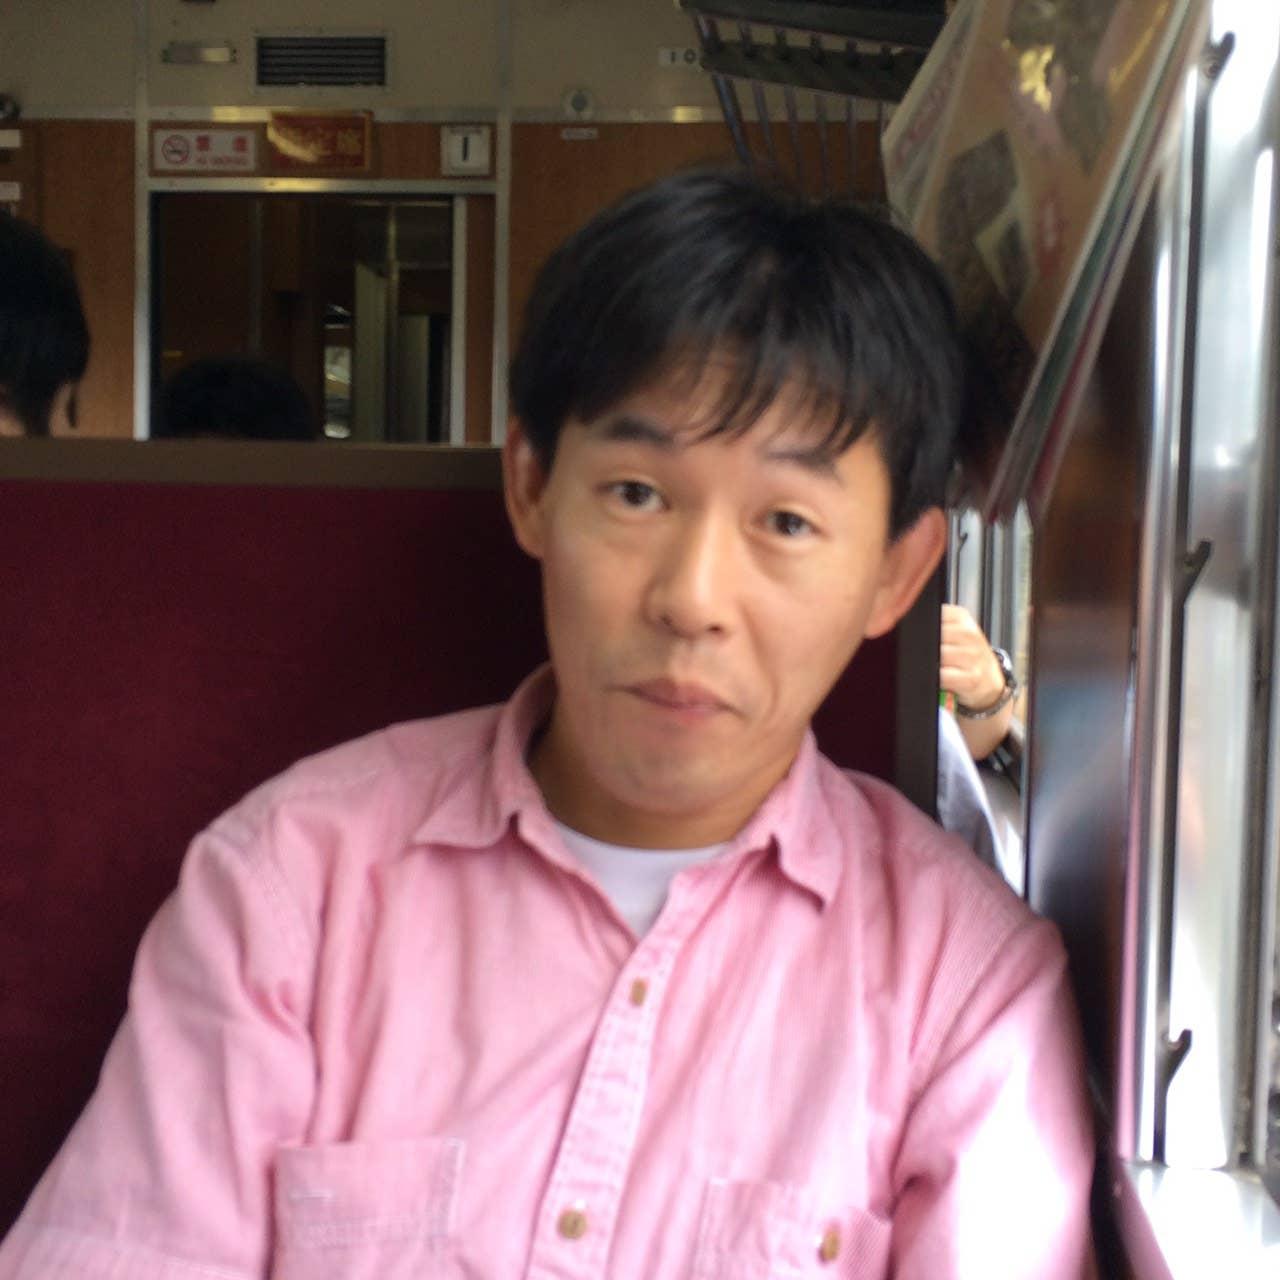 Kenji Tamura